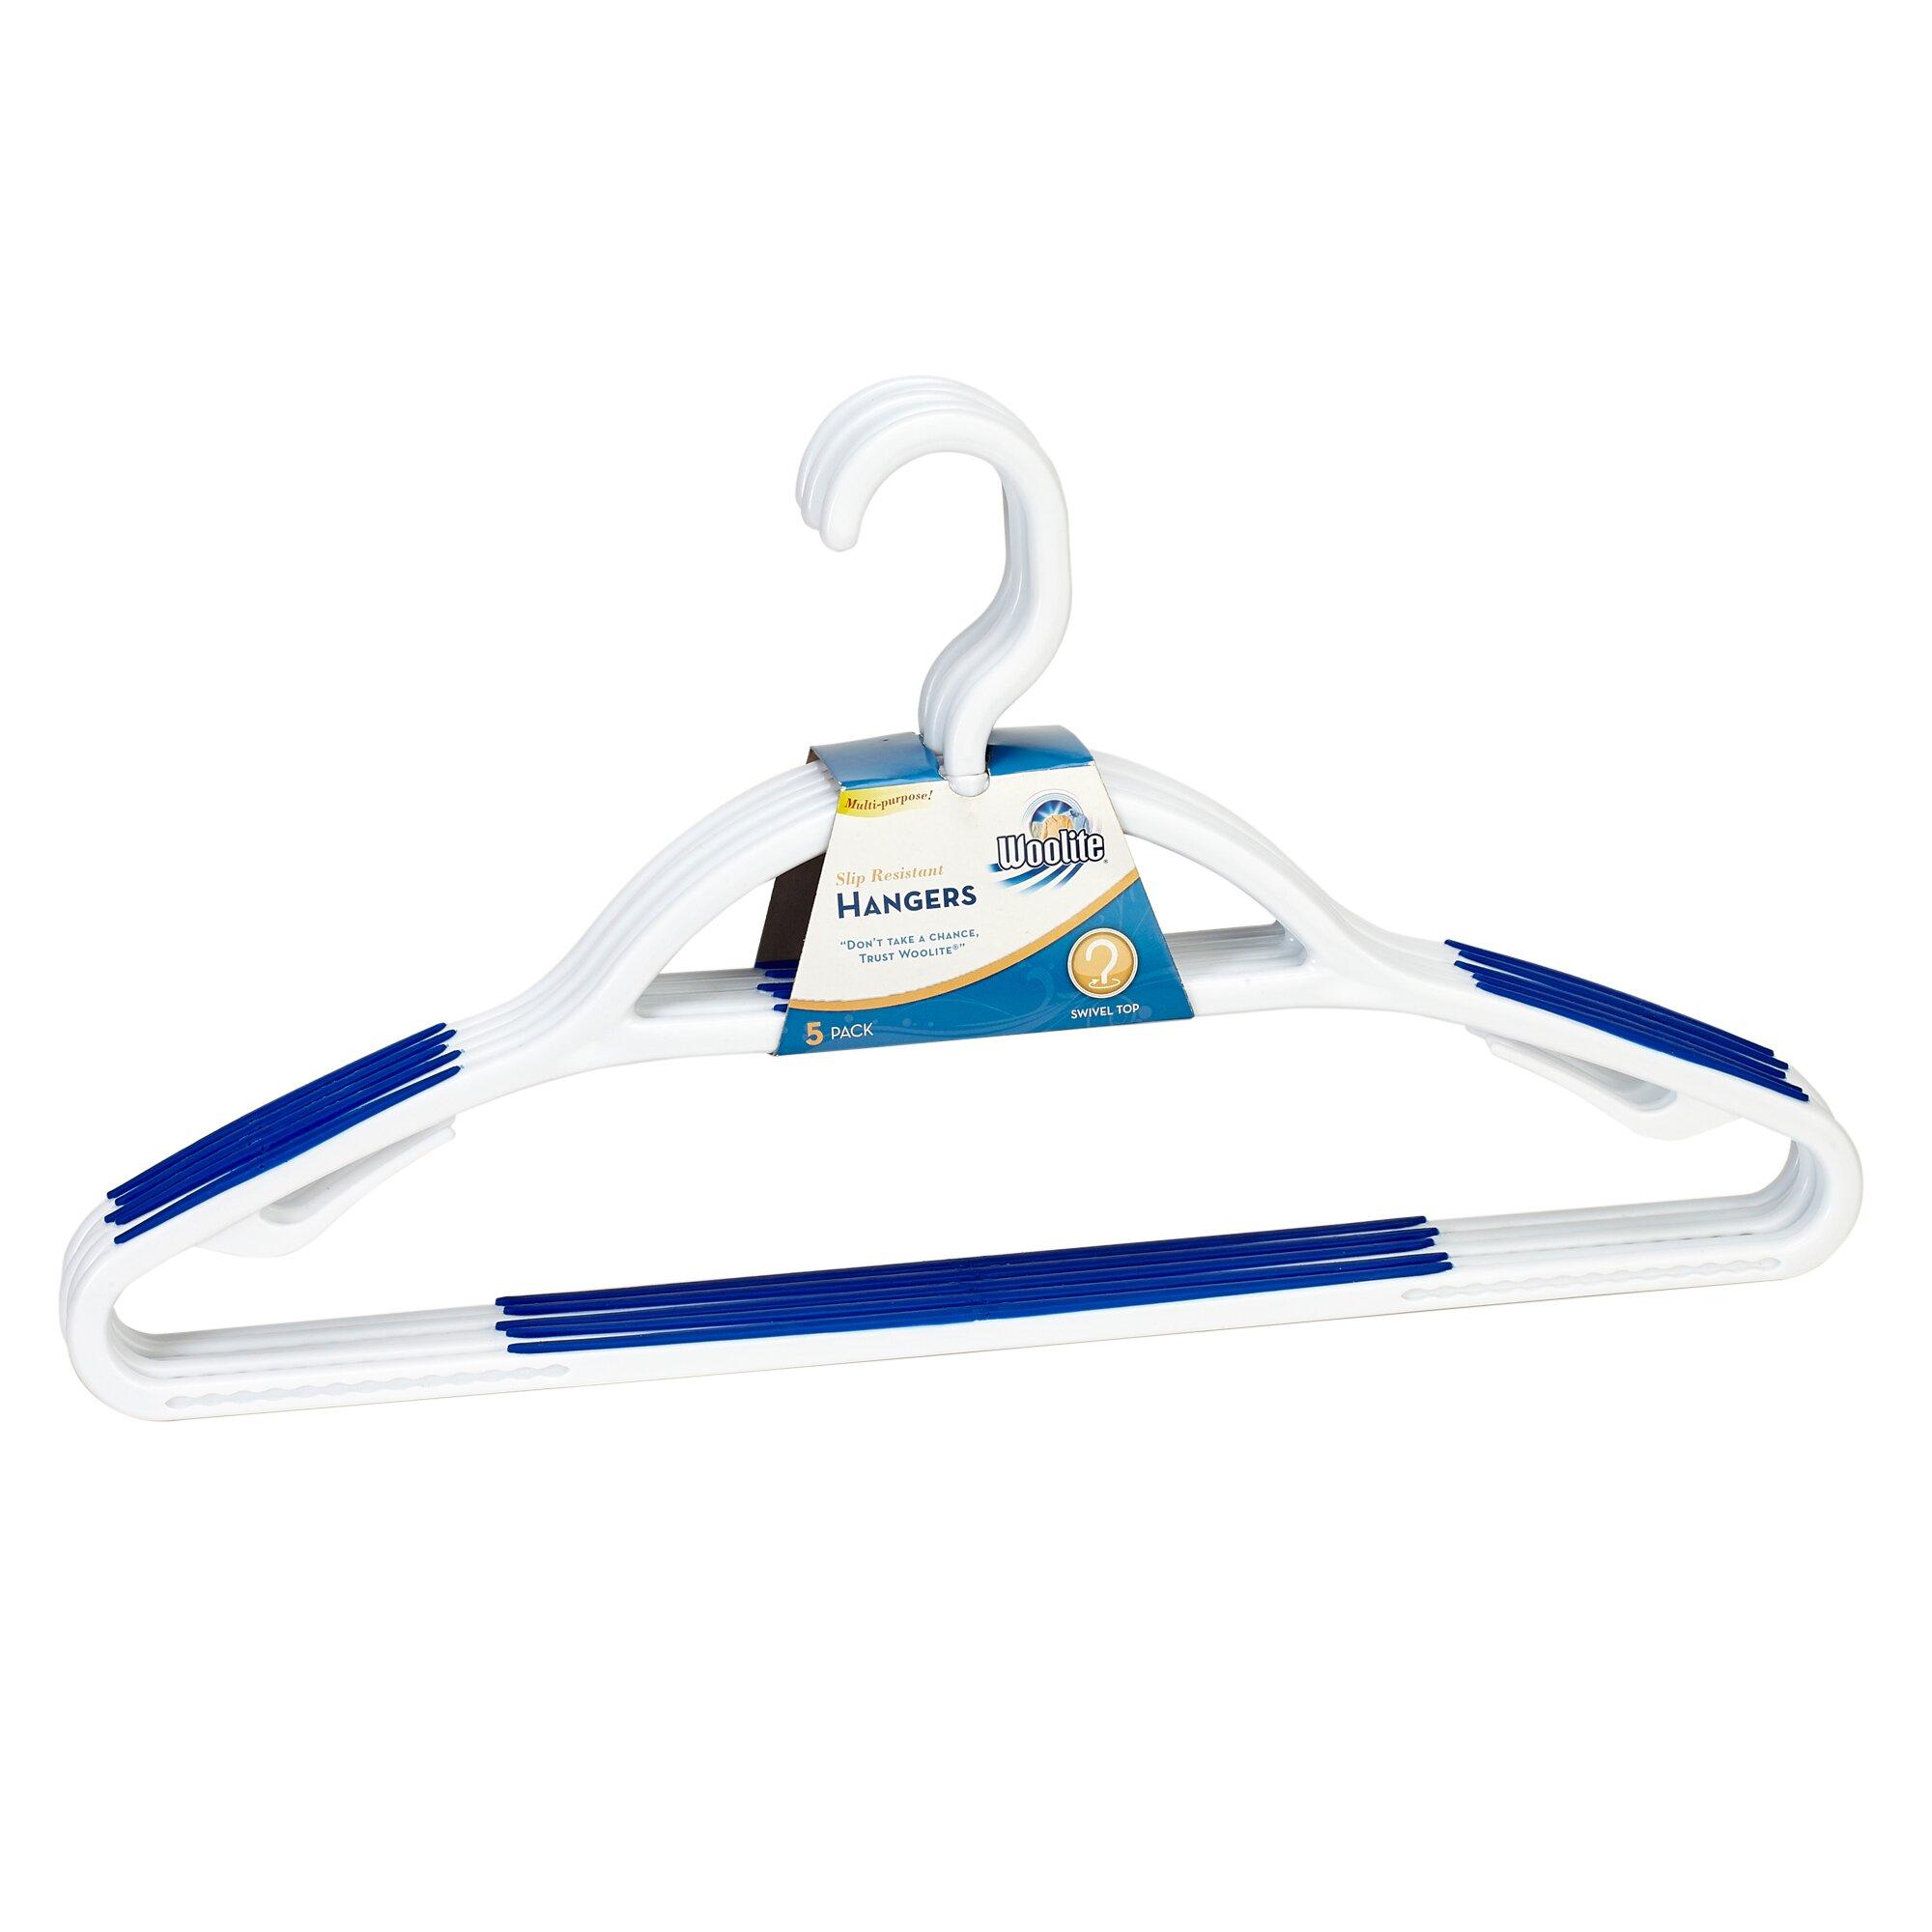 woolite 5 pack plastic non slip coat hanger   reviews